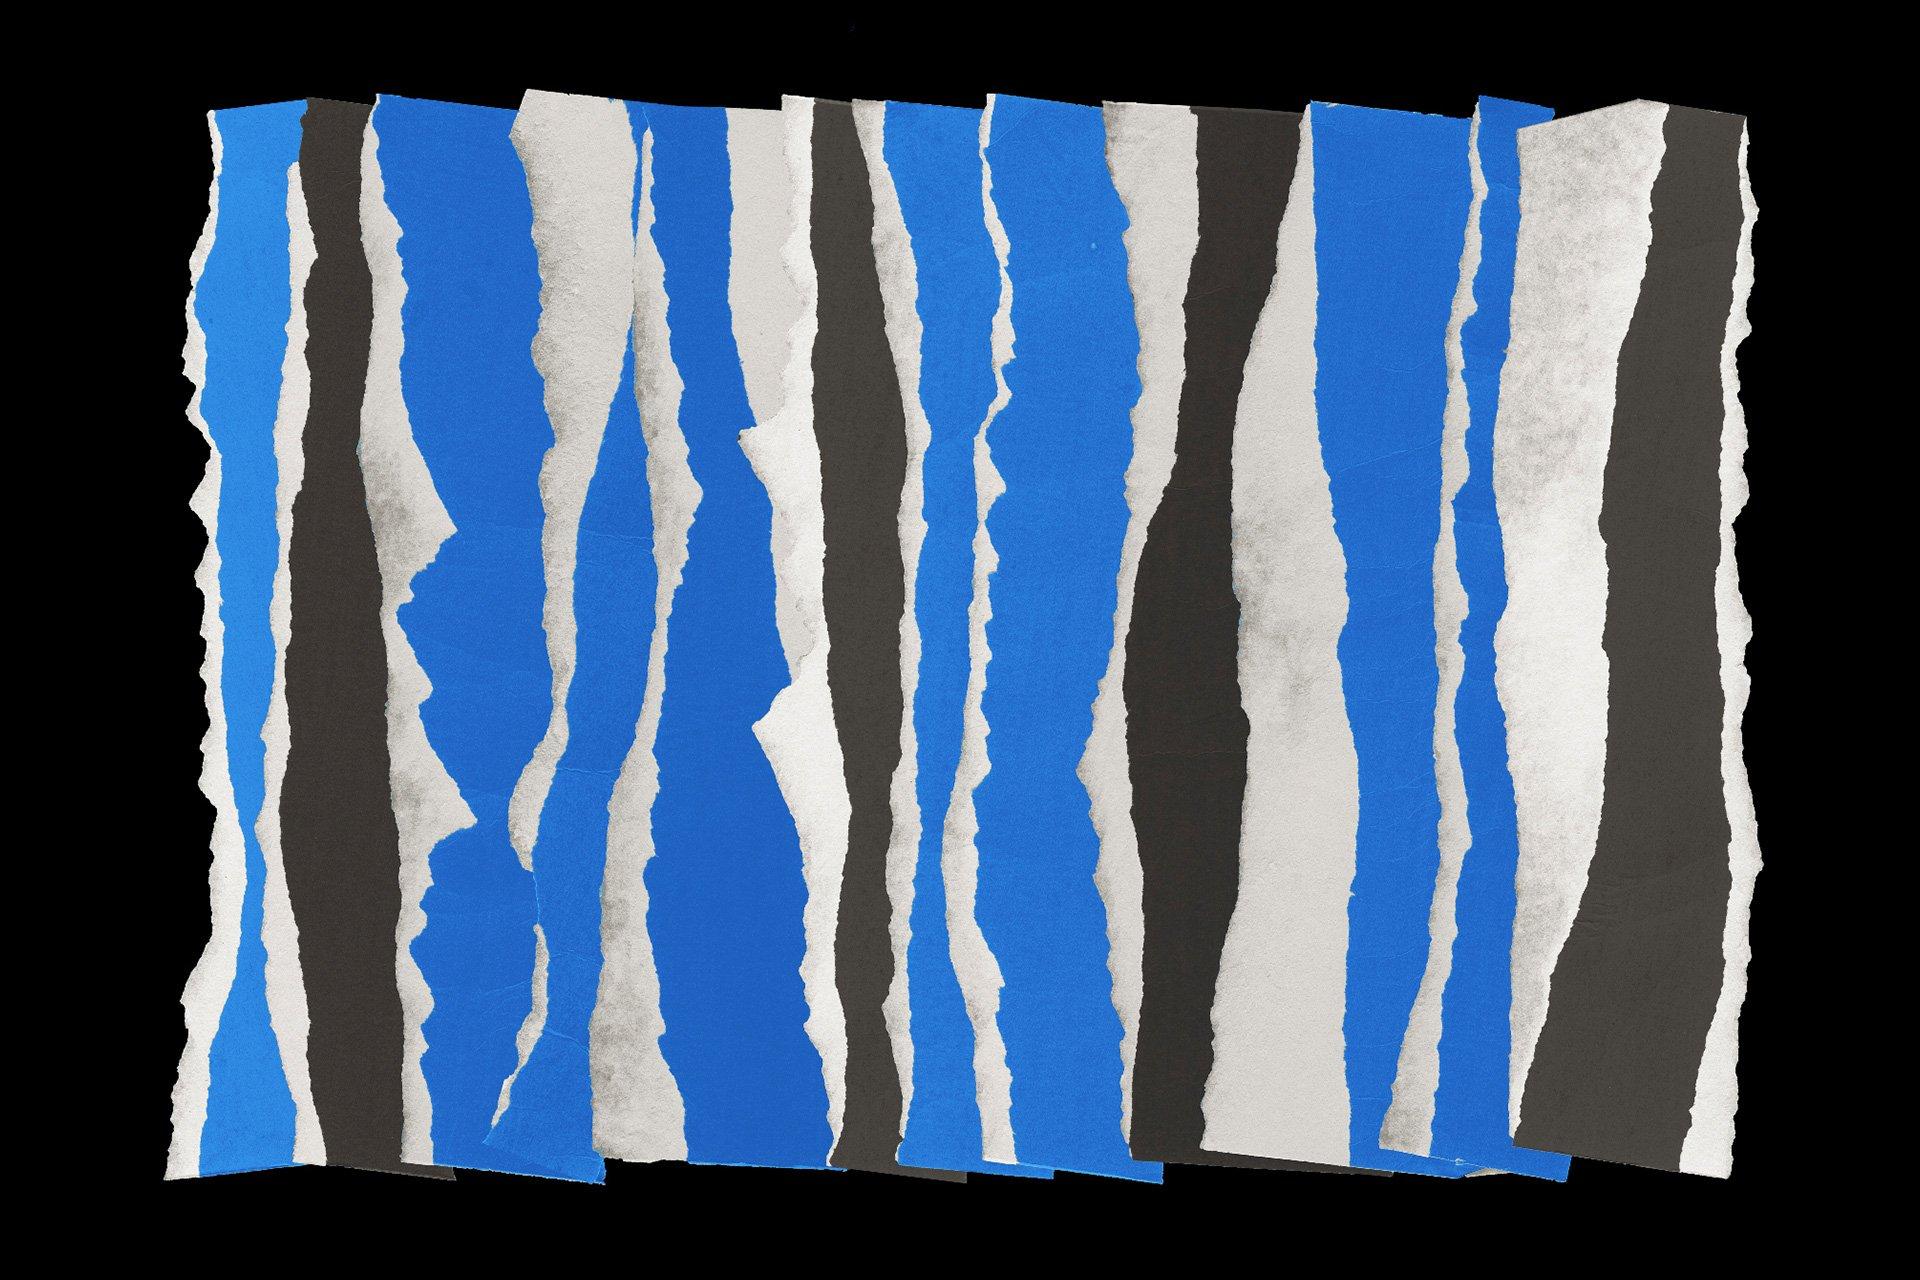 40款复古做旧纸张撕纸破损边缘样机纹理PNG设计素材套装 Torn Paper Textures插图(6)